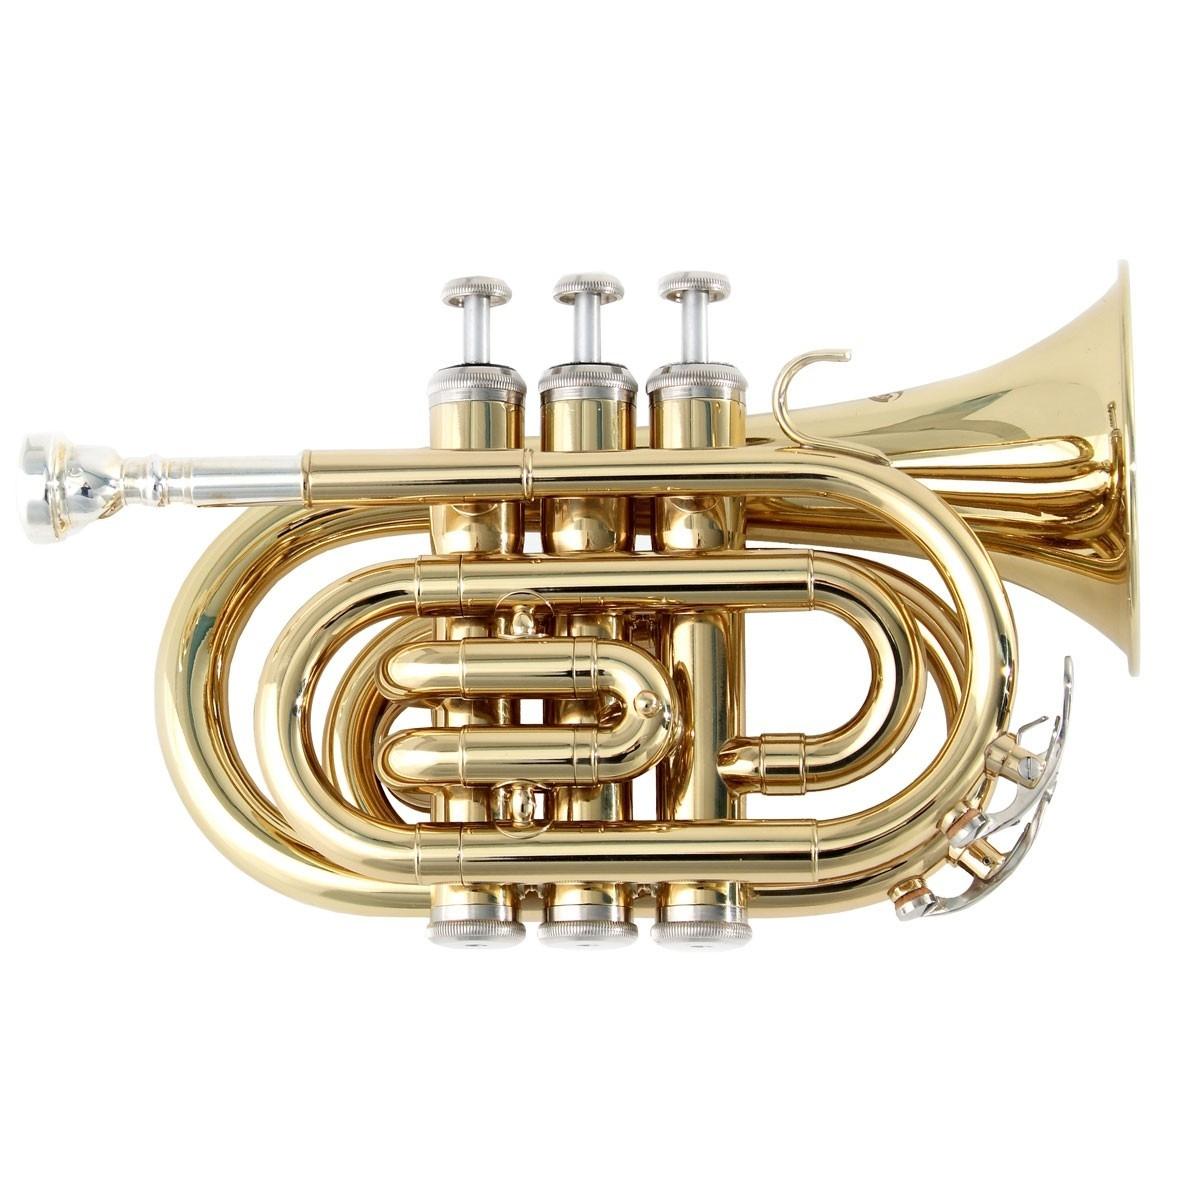 TROMBA SOUNDSATION STPGD-10P POCKET GOLD